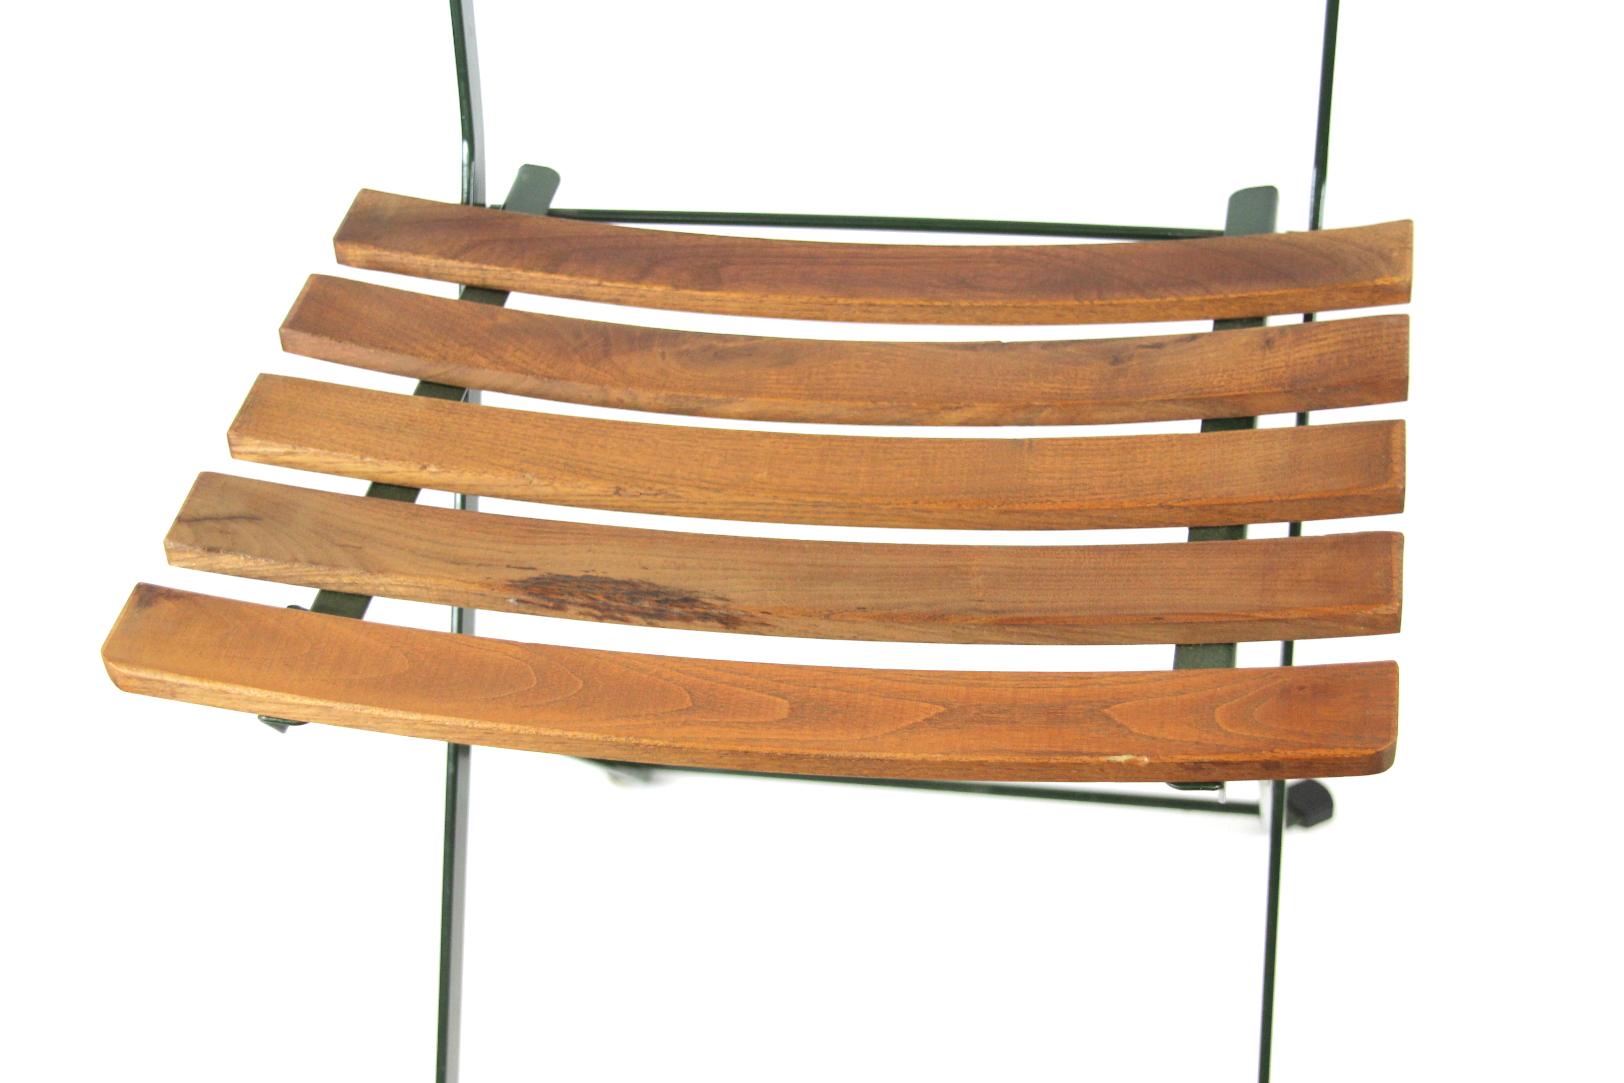 Bequemer Klappstuhl m Sitzauflage 42x43x84 cm Garten